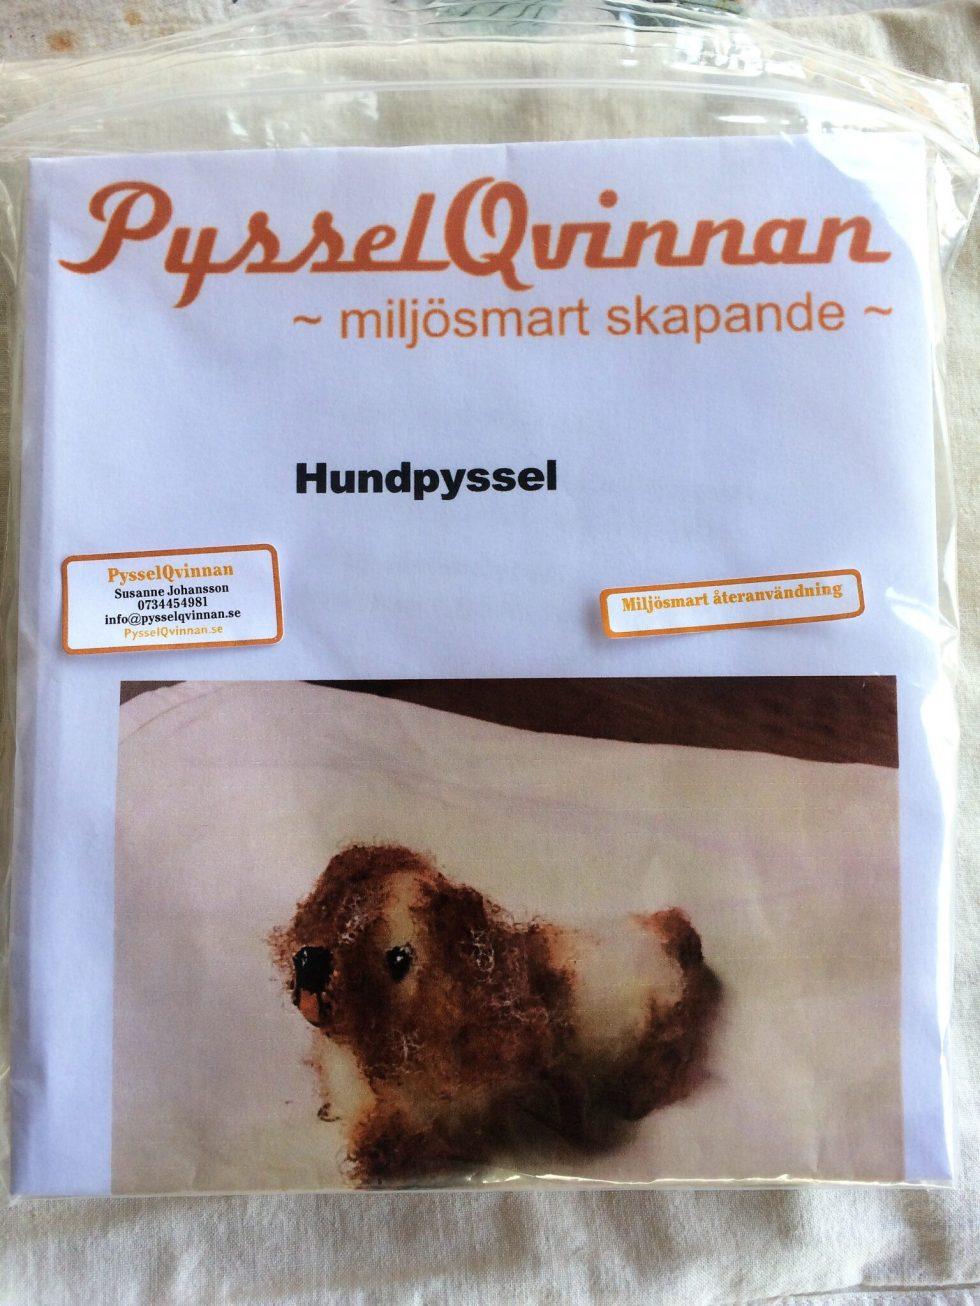 Hundpyssel paketet med mellanstor ljusbrun päls